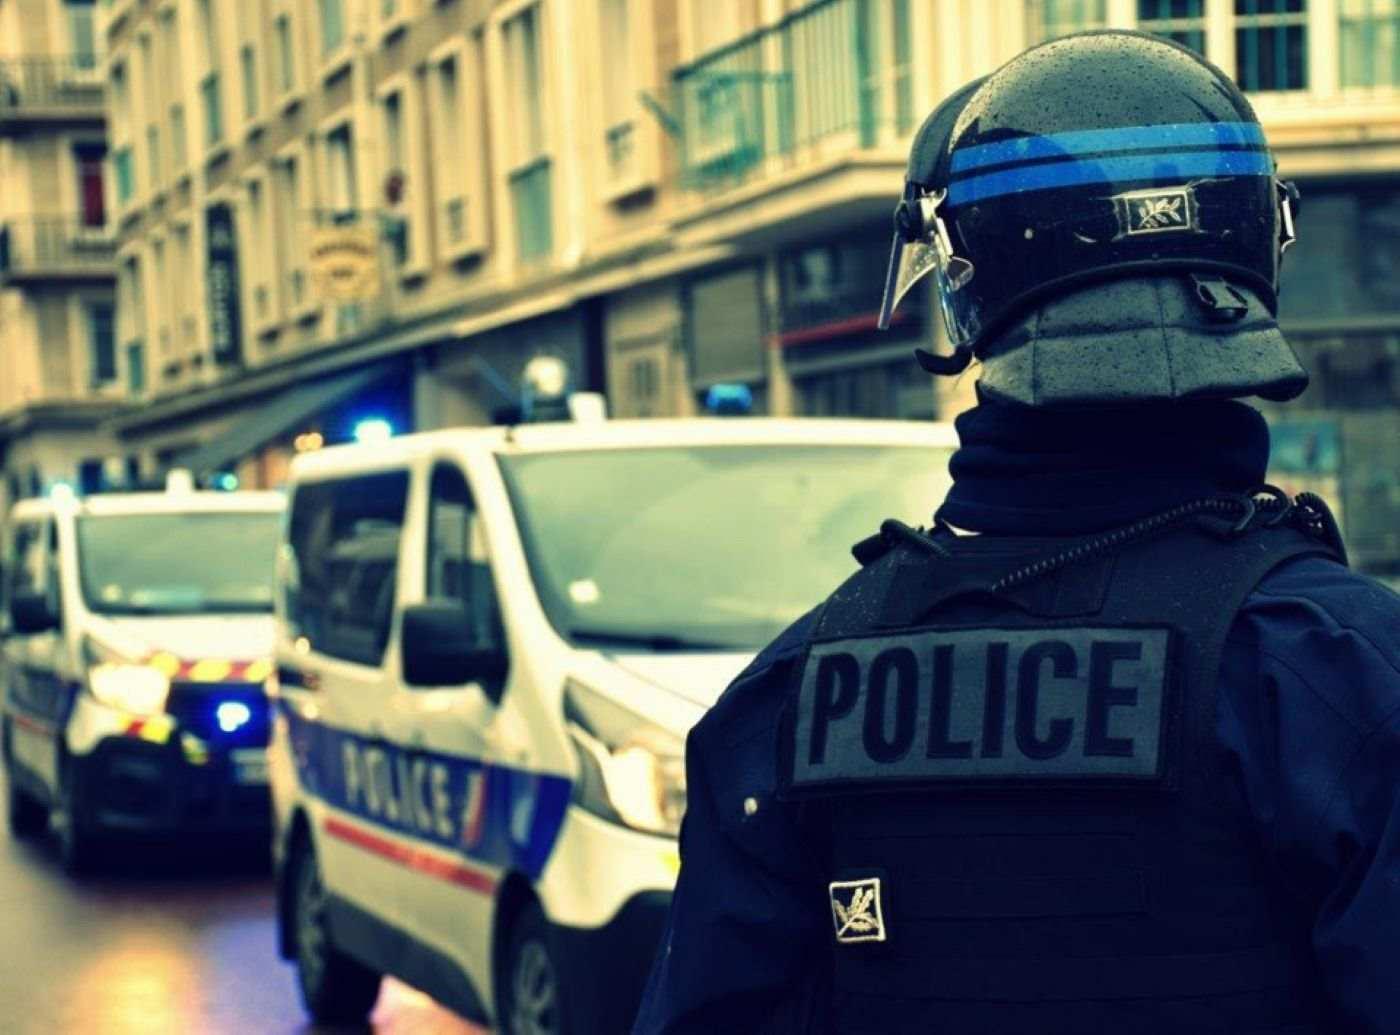 Samedi dernier, à Rouen, de violents incidents avaient émaillé la manifestation destinée à dénoncer le projet de loi de sécurité globale - illustration @ DDSP76